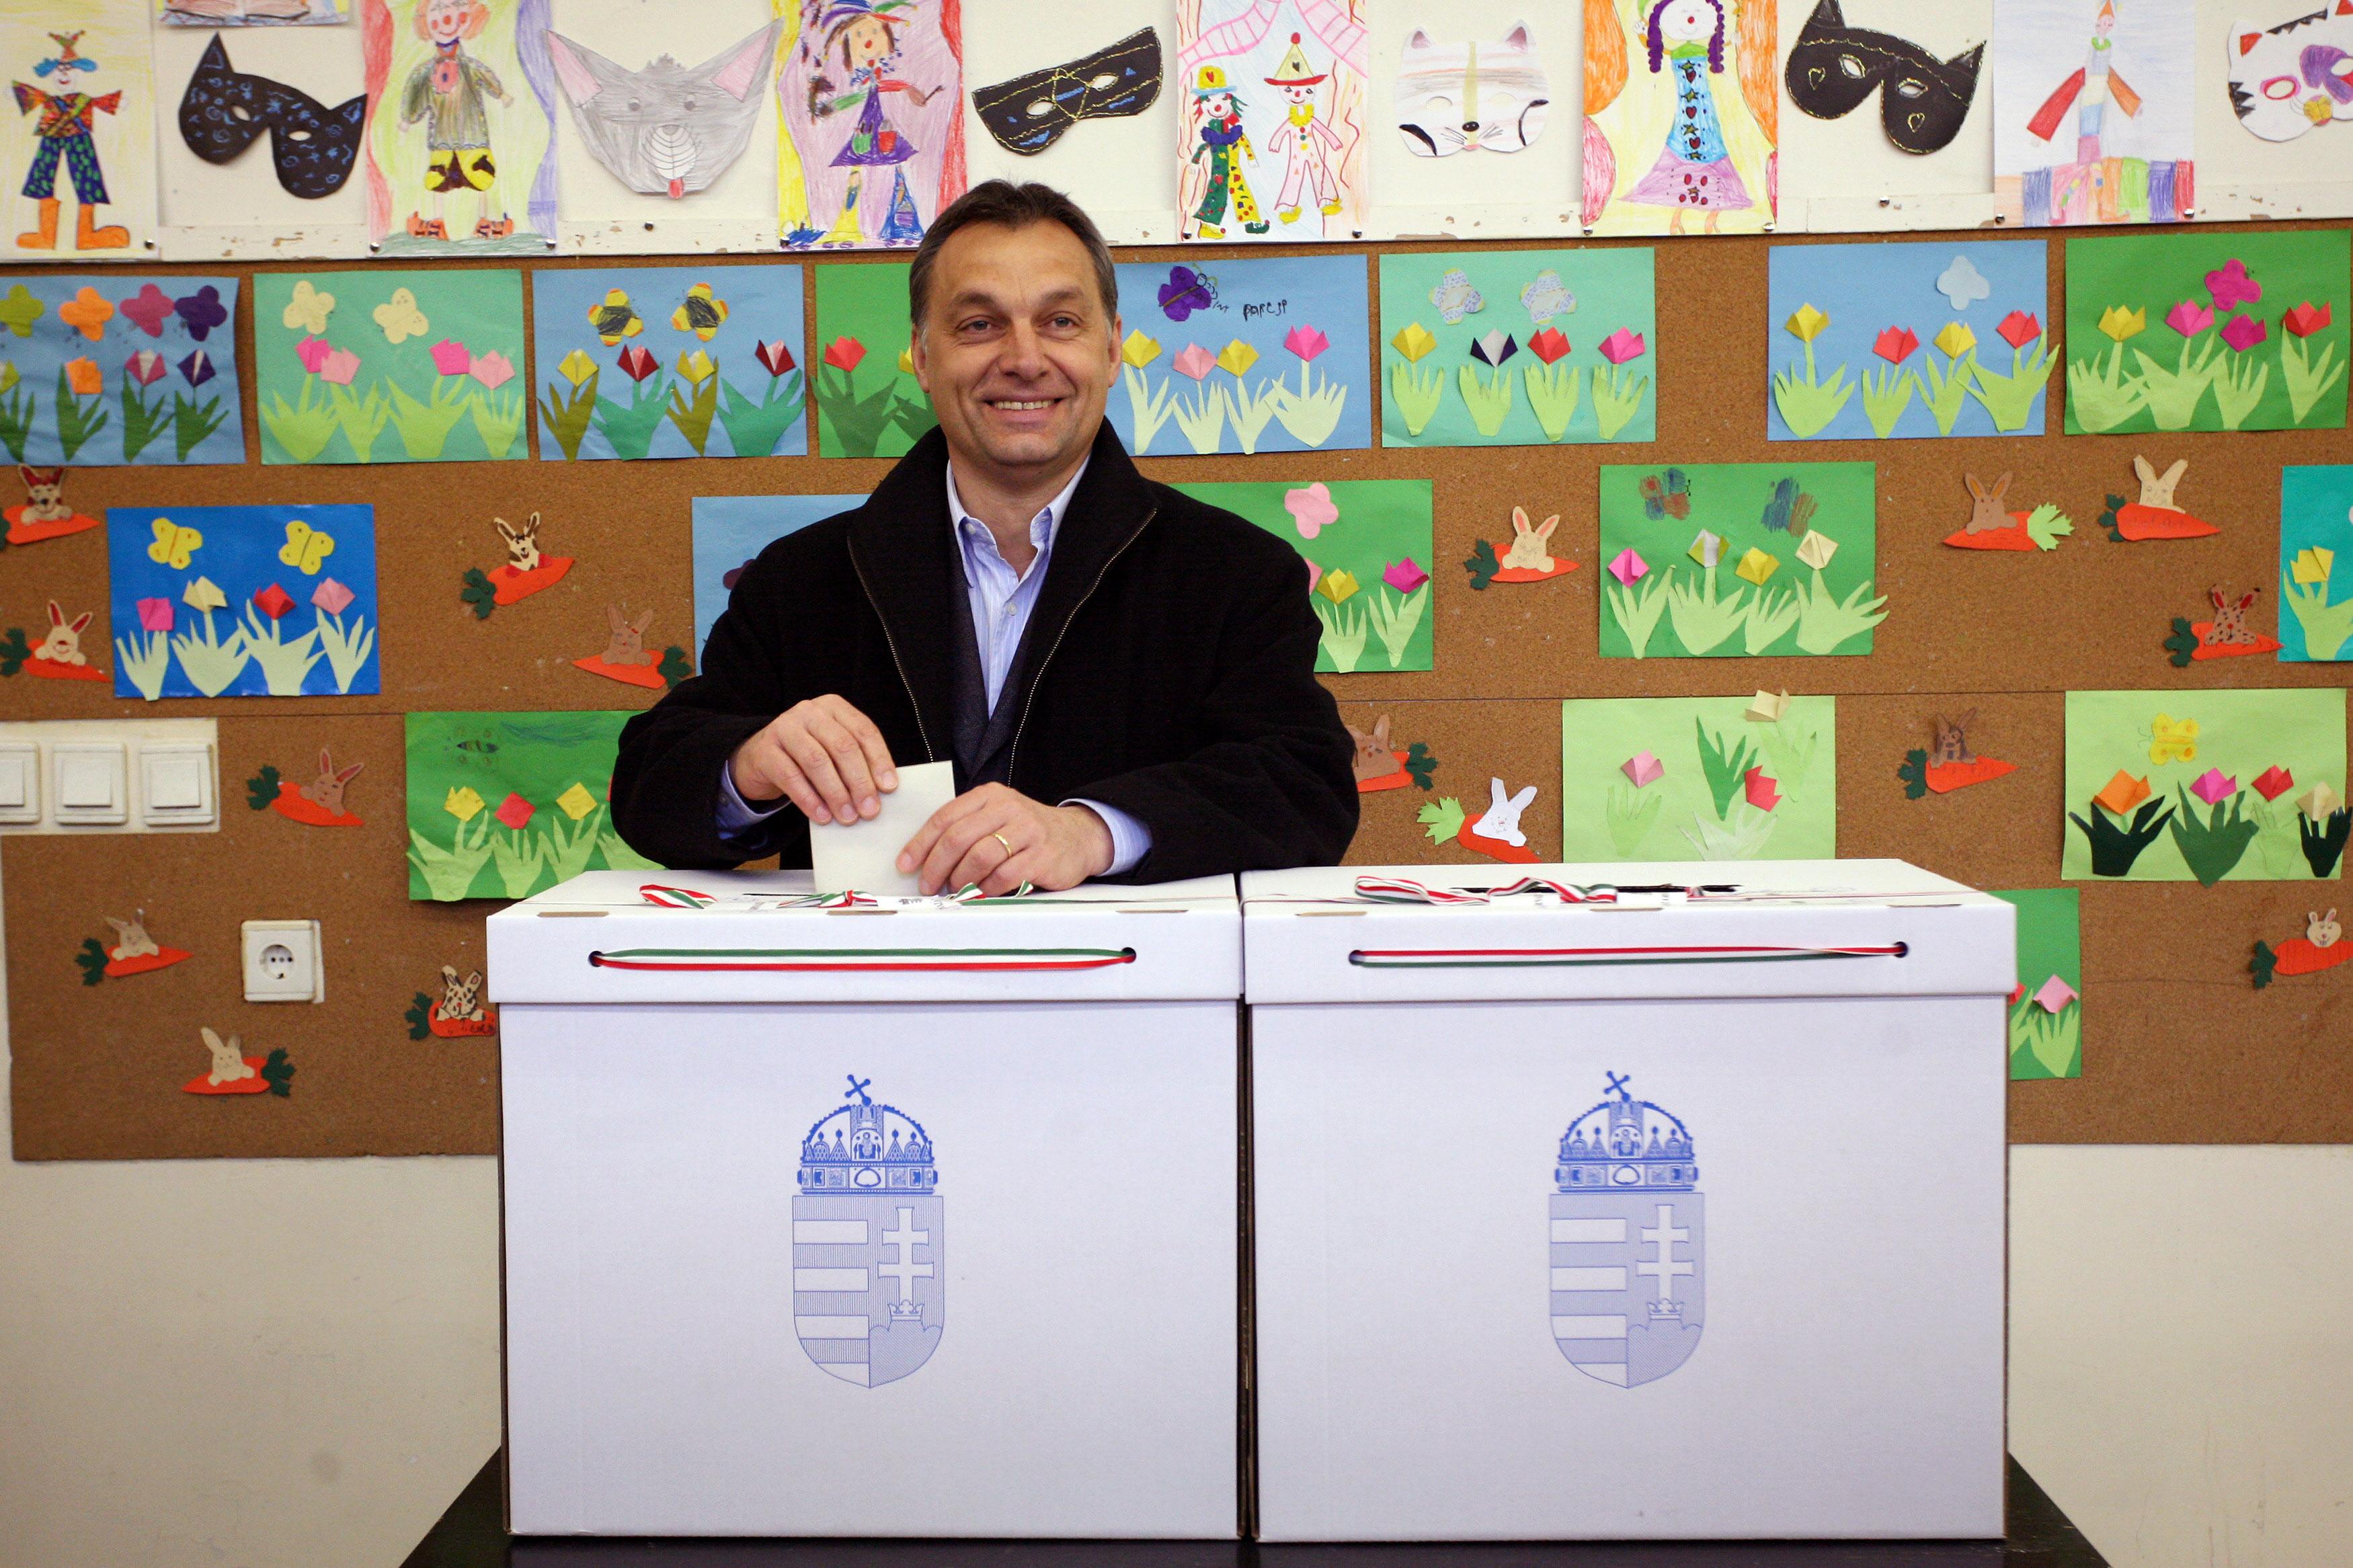 Eddig kétszer annyian jelezték, hogy külföldön szavaznának, mint négy éve